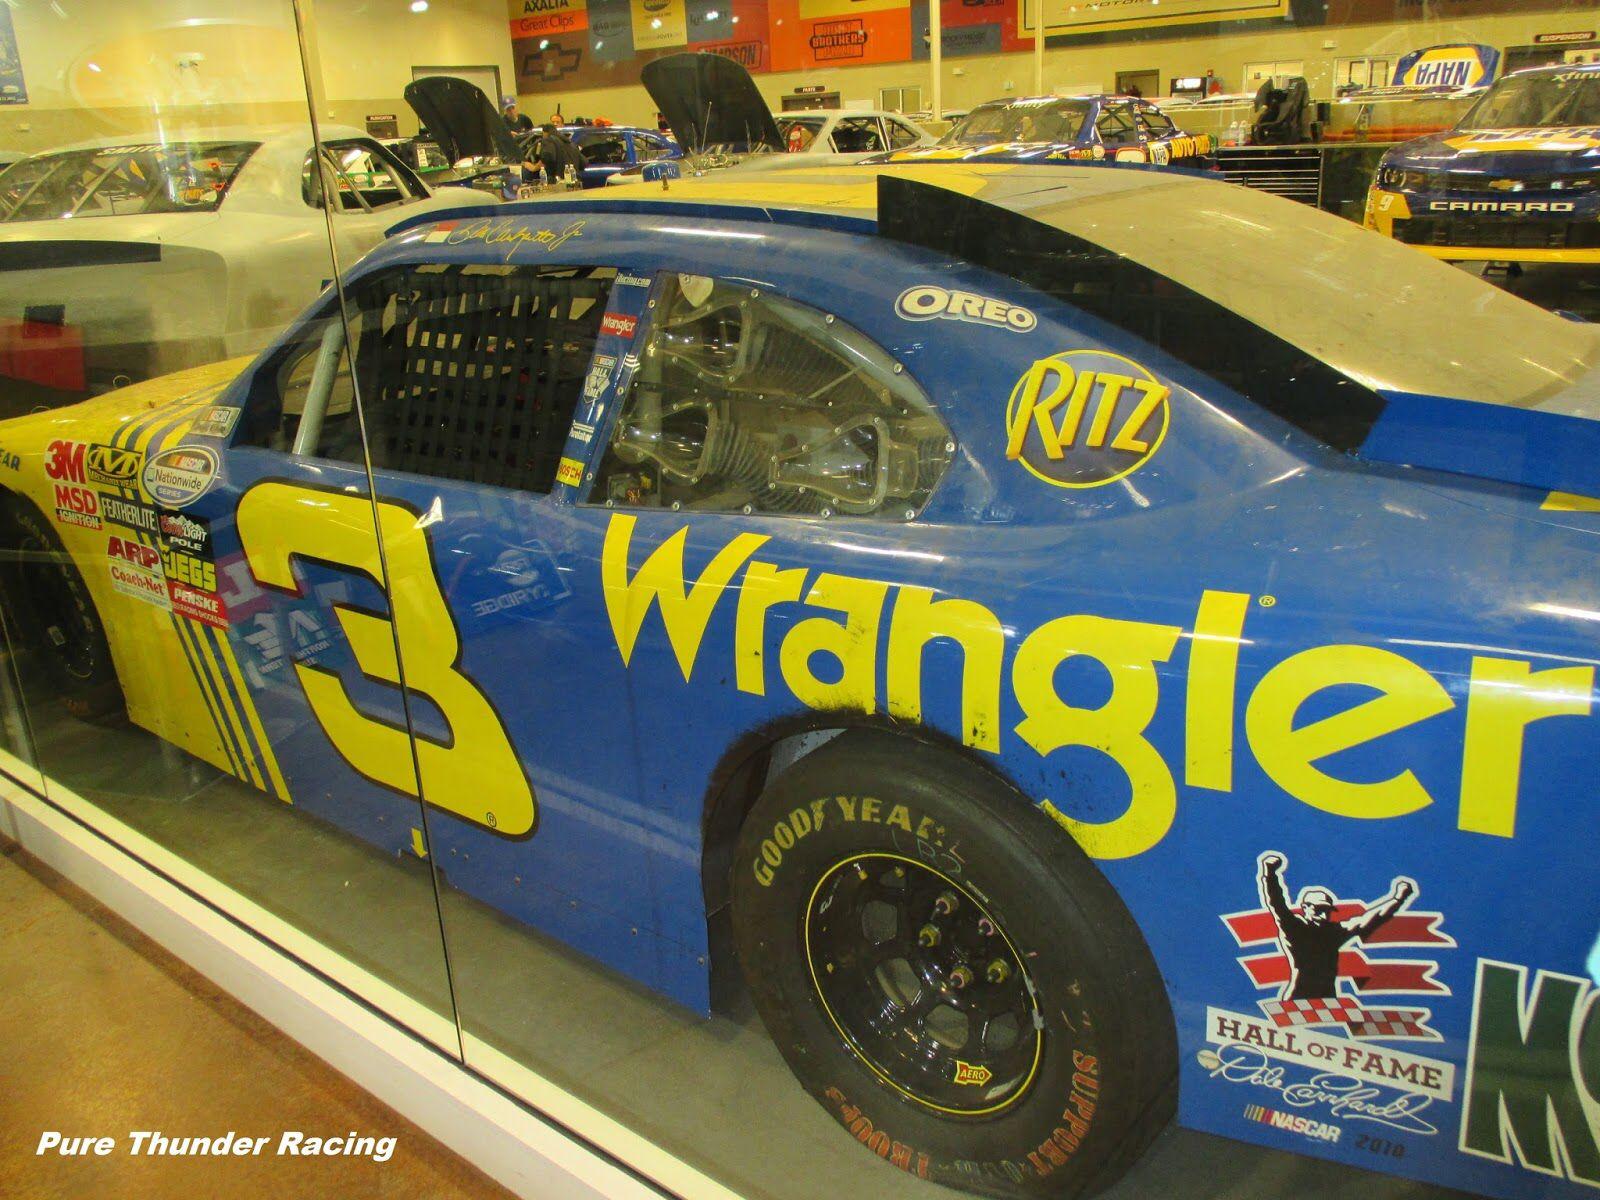 dale jr winning wrangler car at jr motorsports nascar. Black Bedroom Furniture Sets. Home Design Ideas